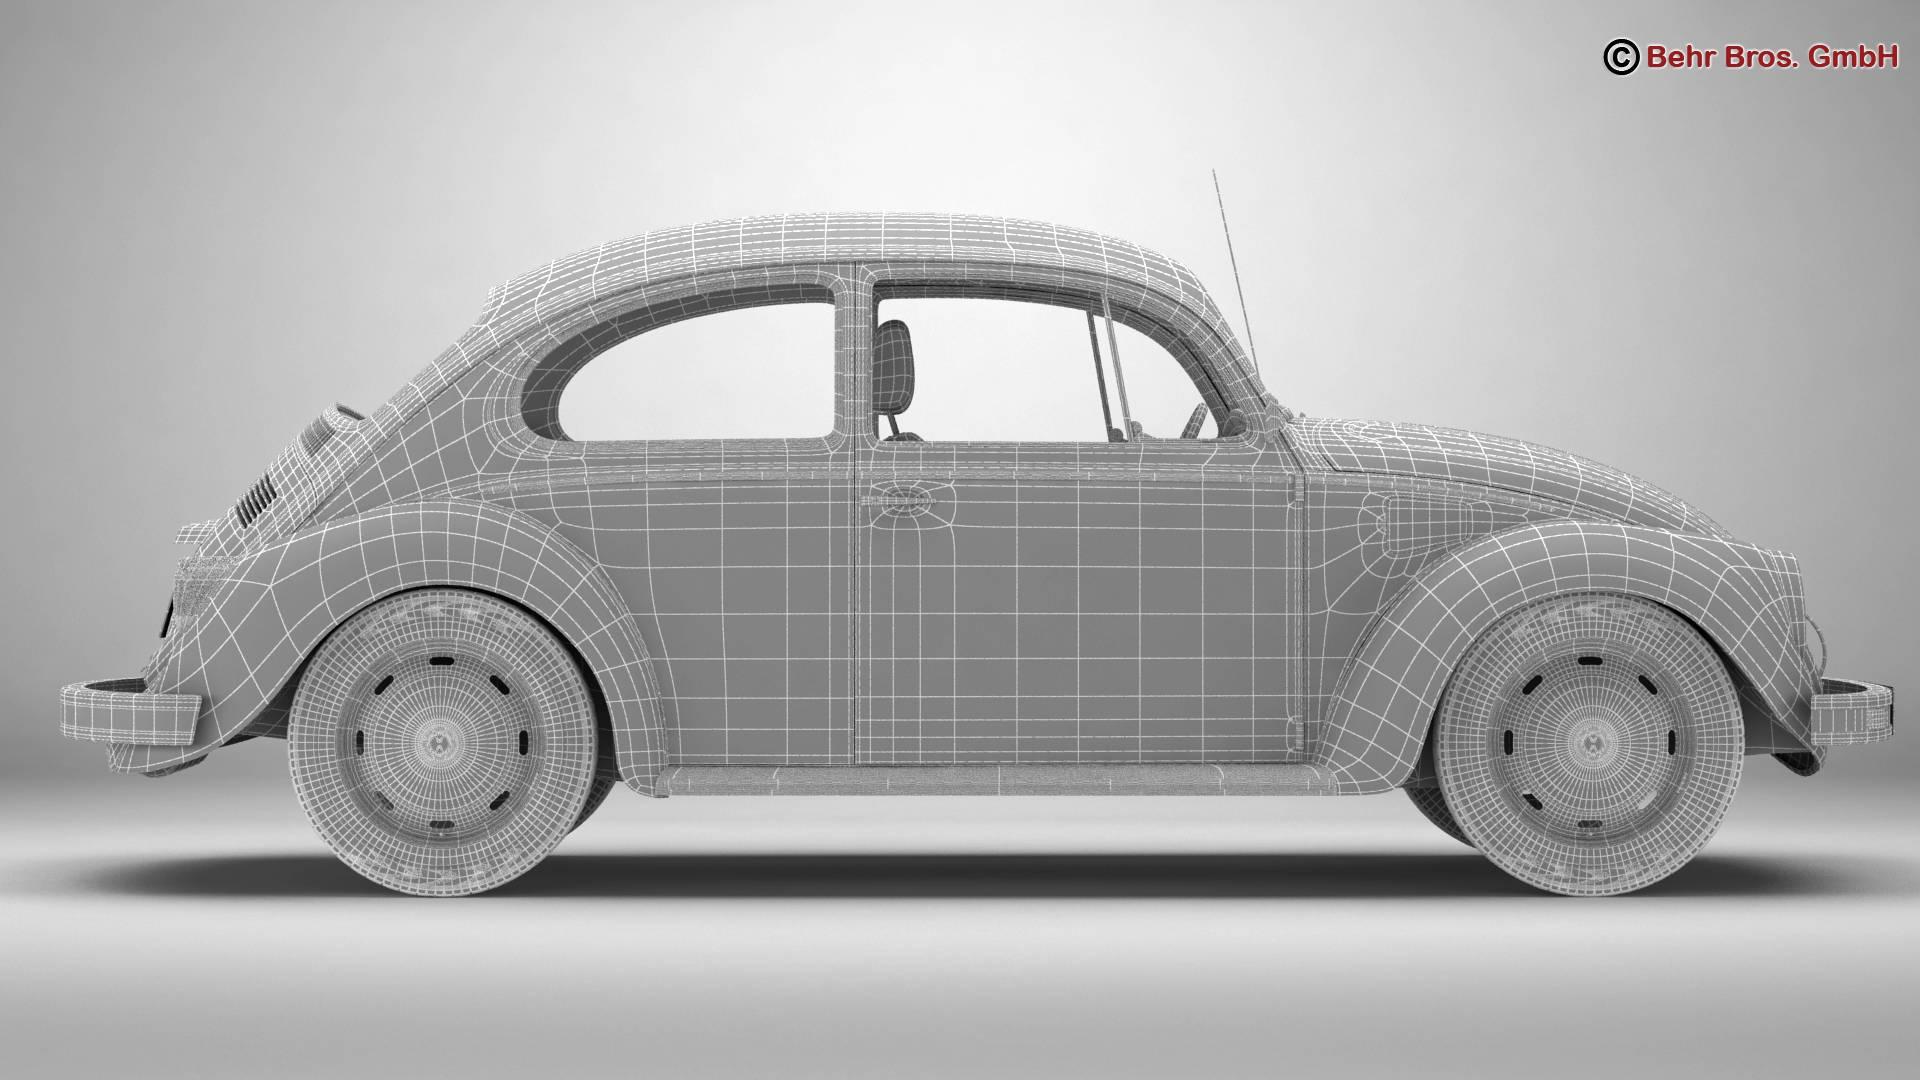 volkswagen beetle 2003 ultima edicion 3d model 3ds max fbx c4d lwo ma mb obj 220897